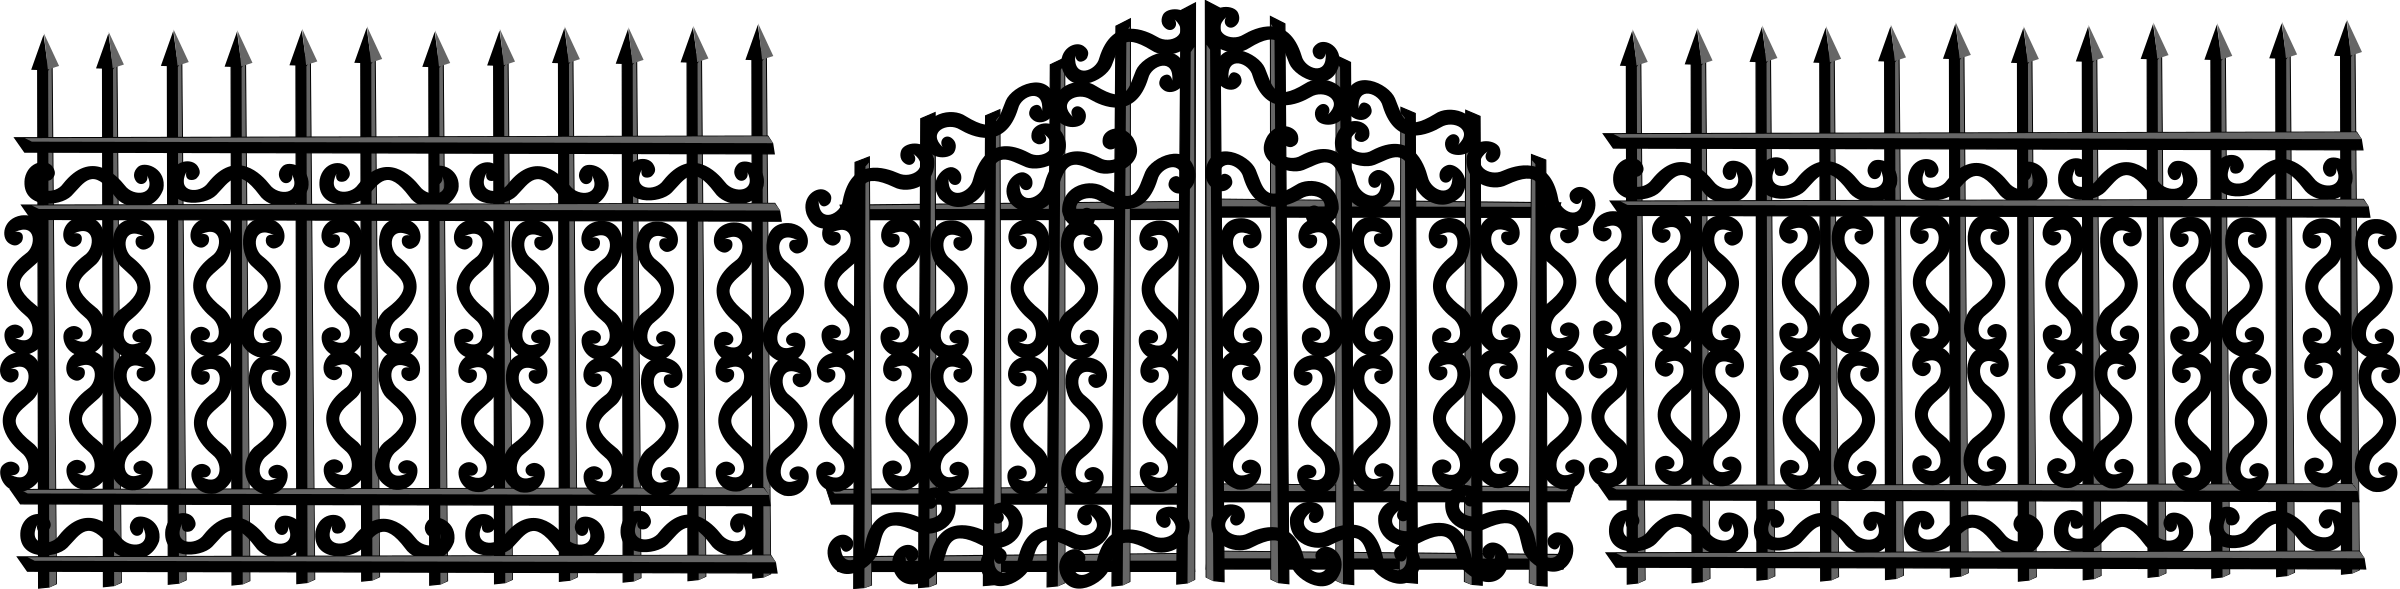 Fence clipart vector. Iron clip art billigakontaktlinser